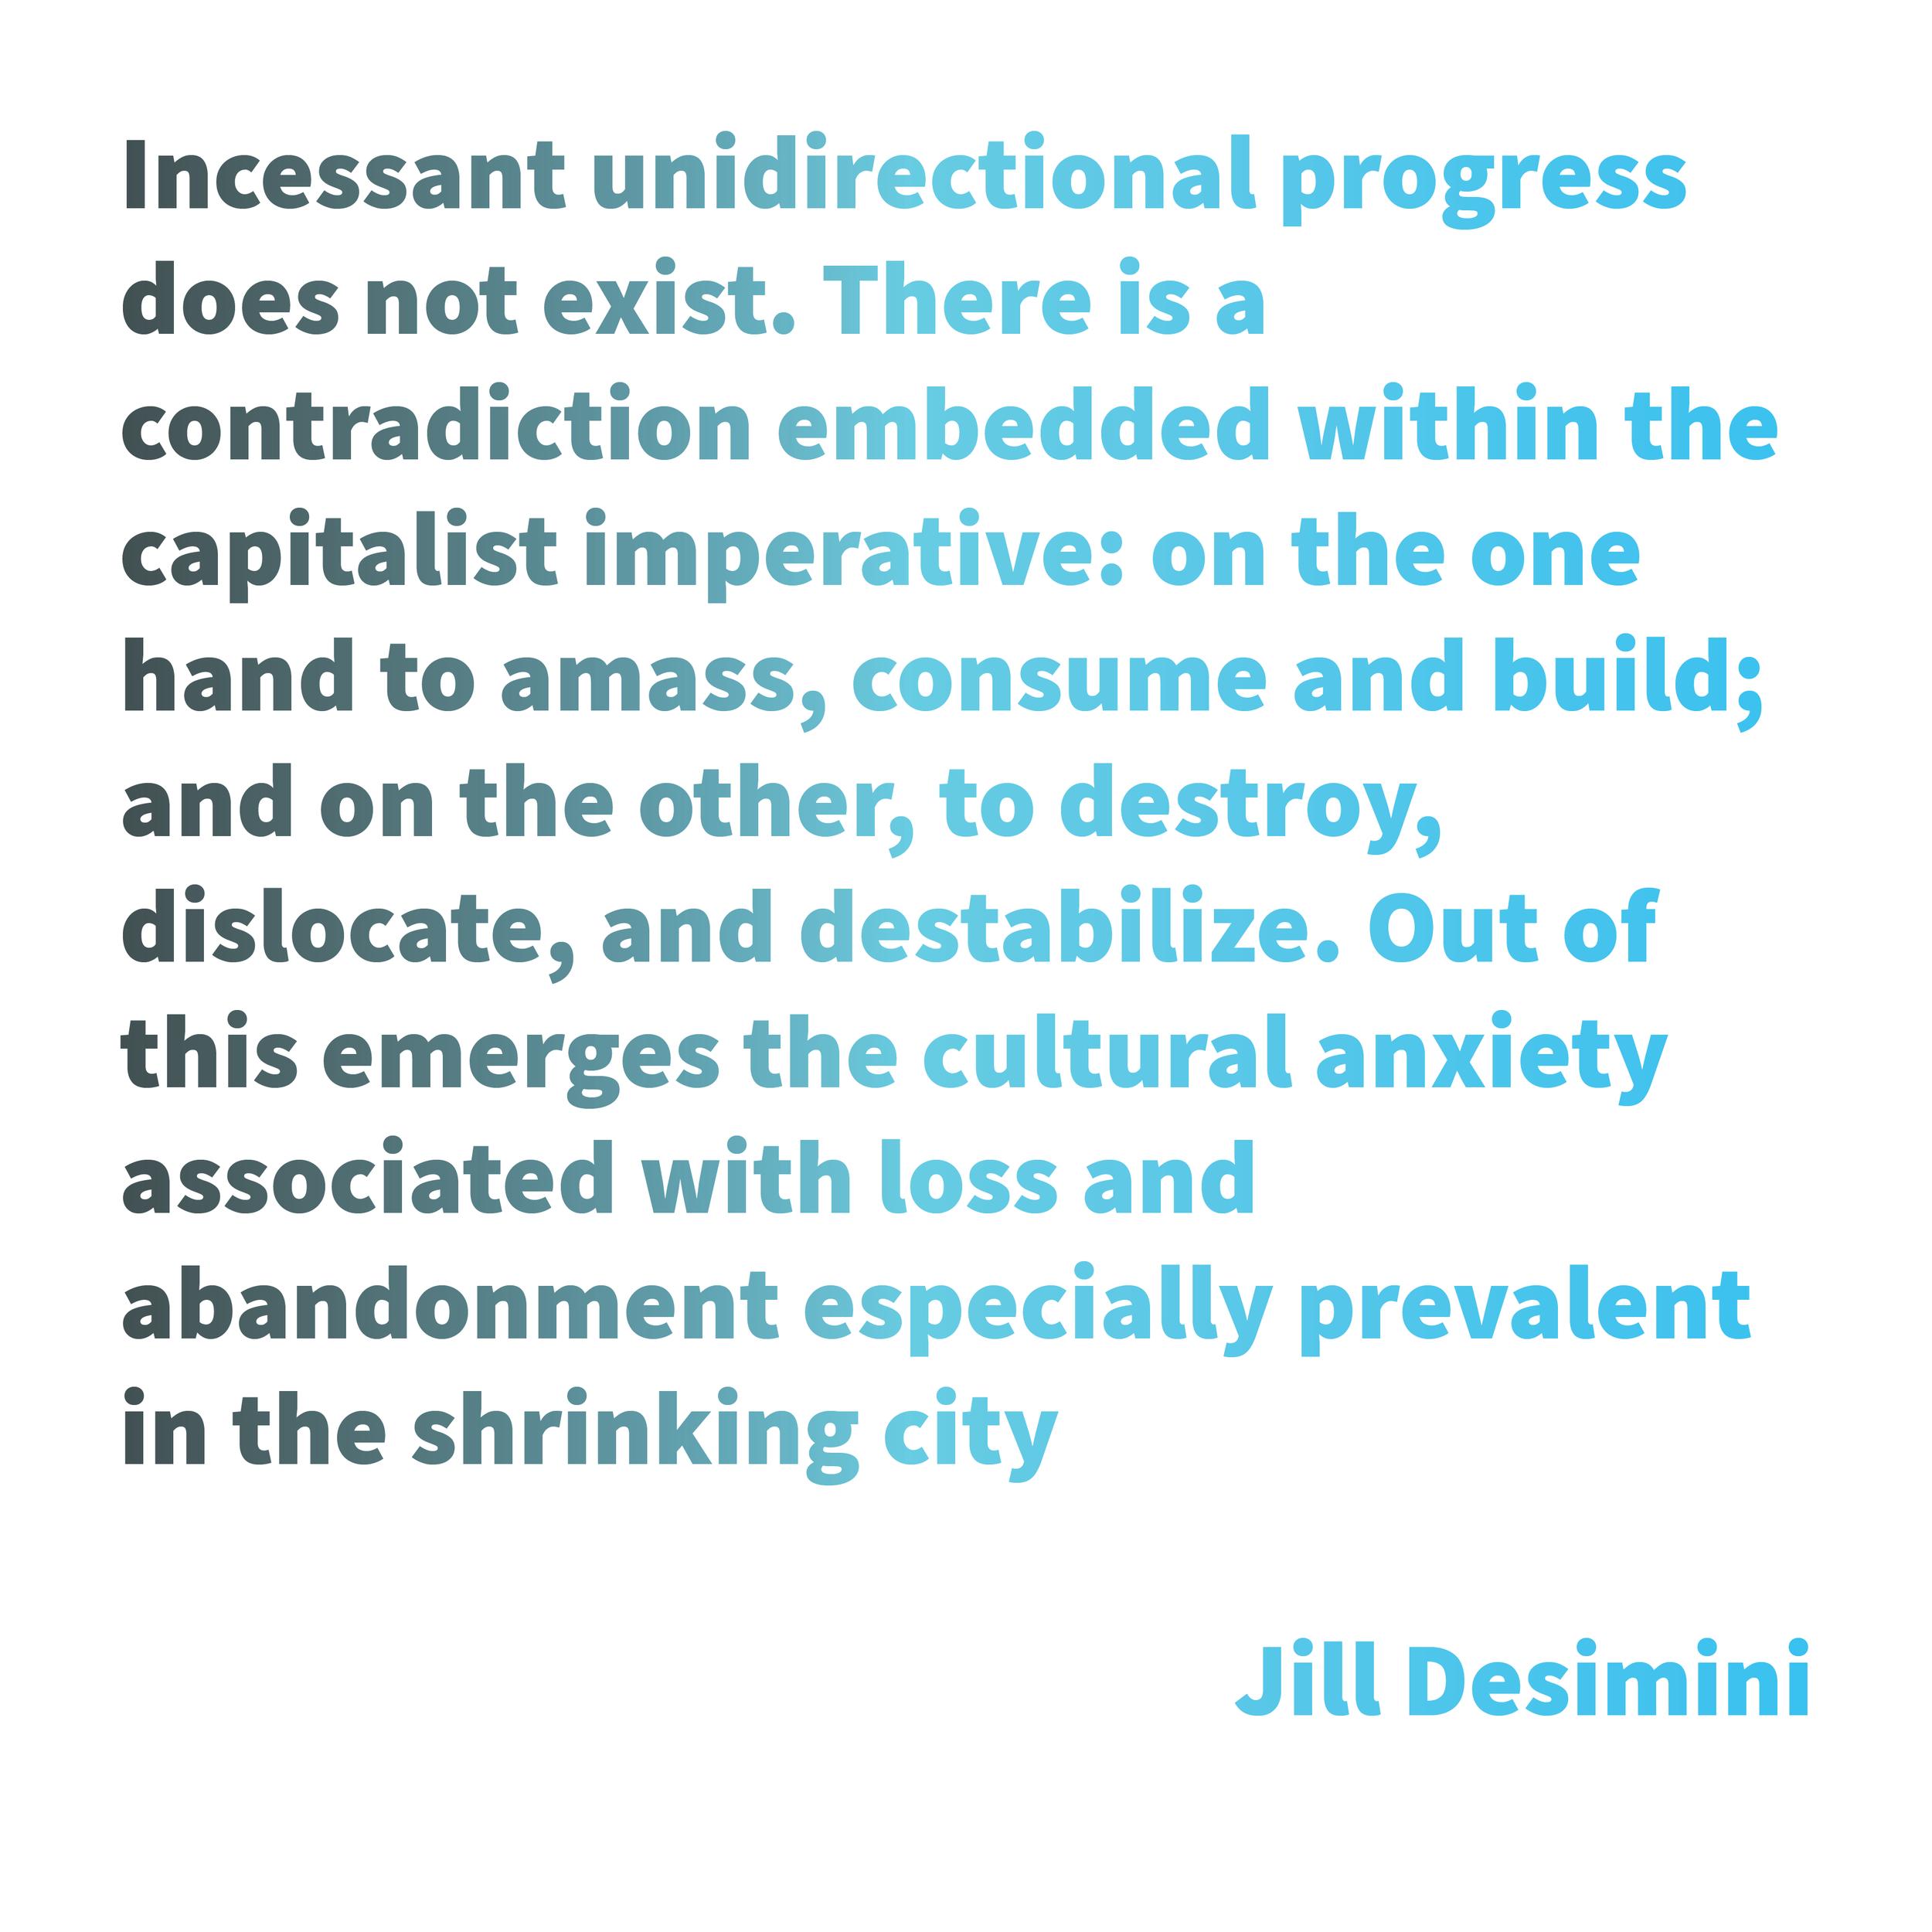 2019.07.11 Jill Desimini.png